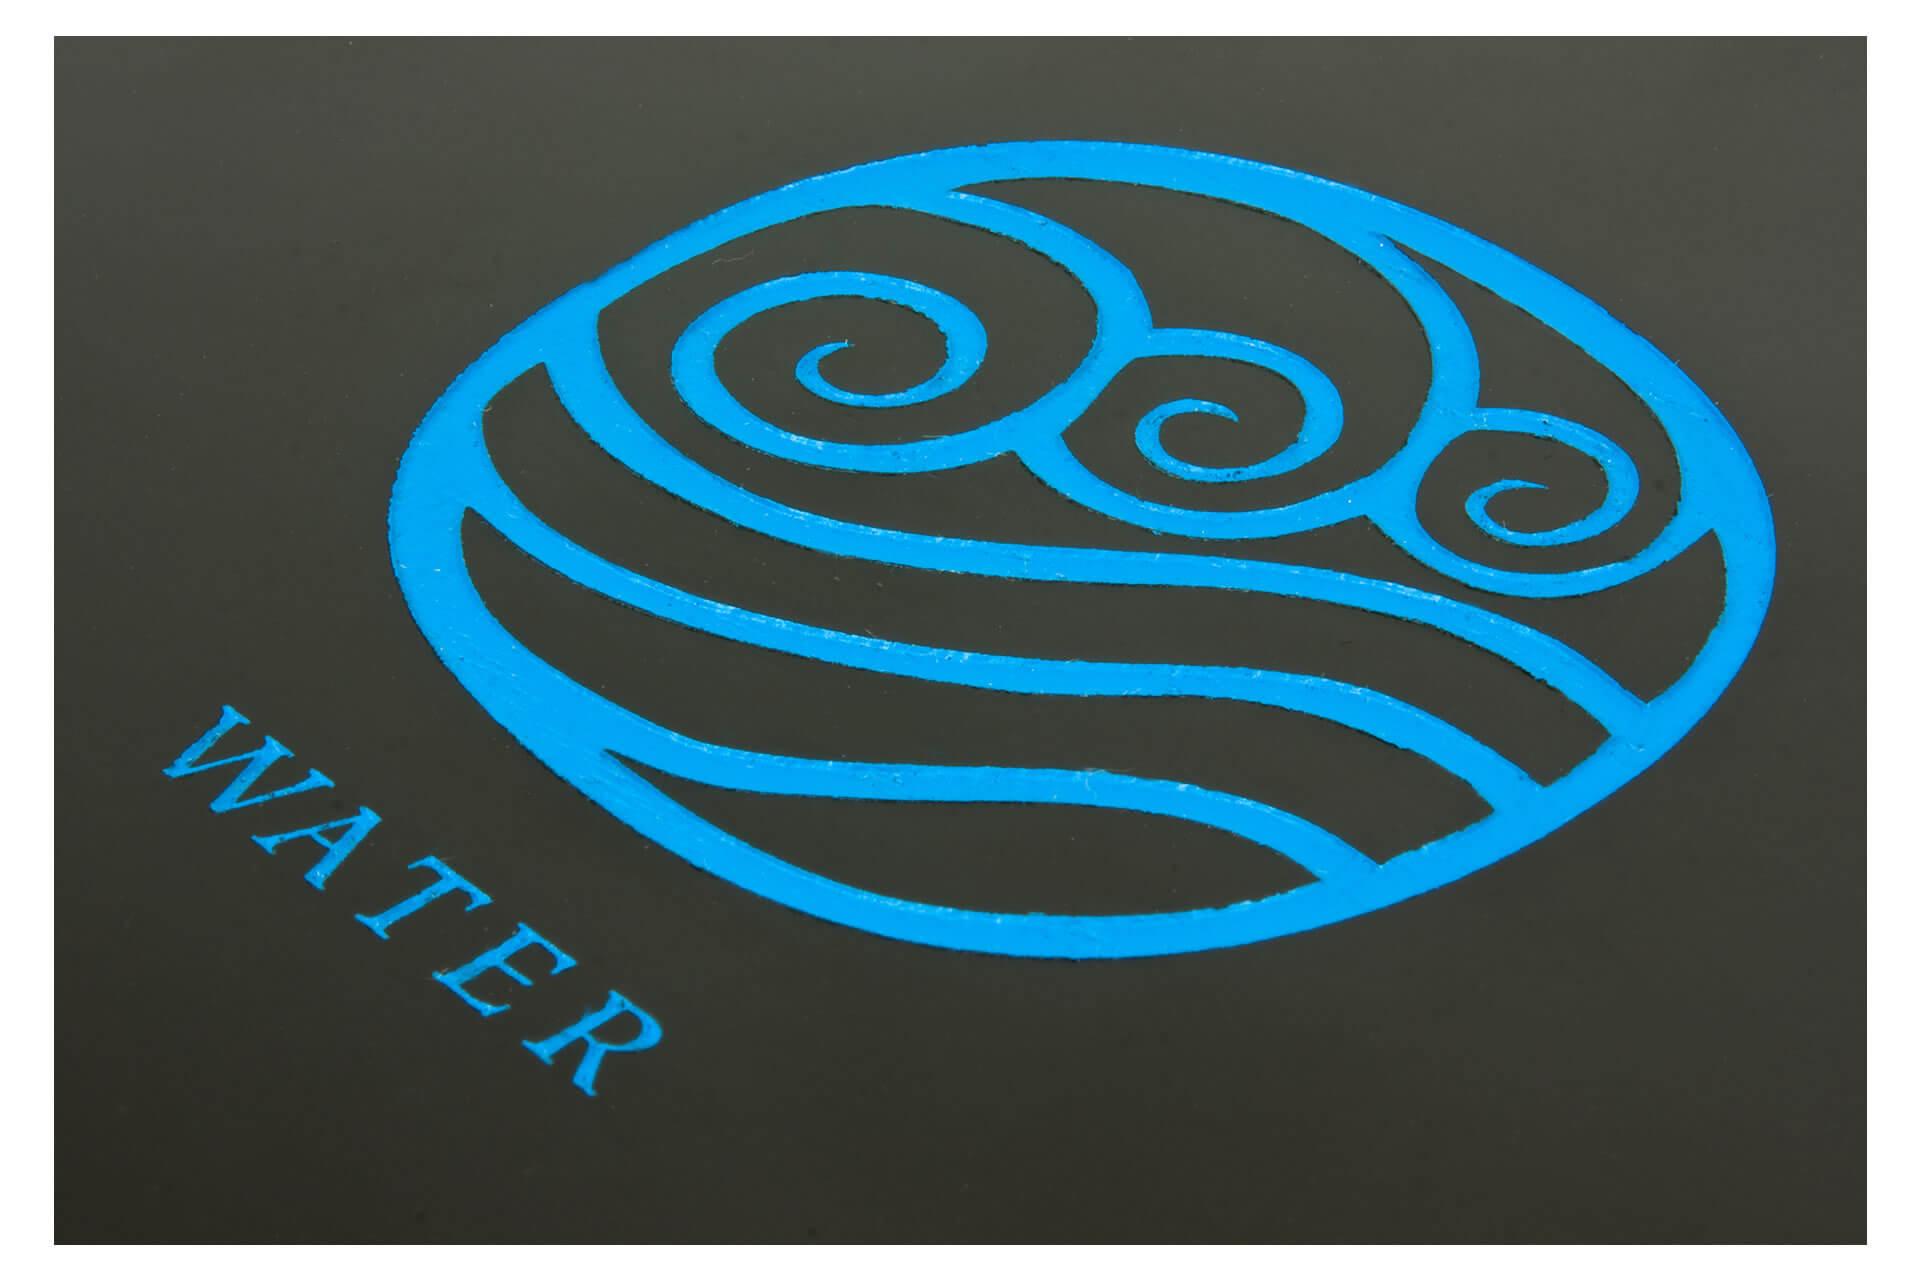 bespoke wooden car wax packaging laser engraved blue infill detail